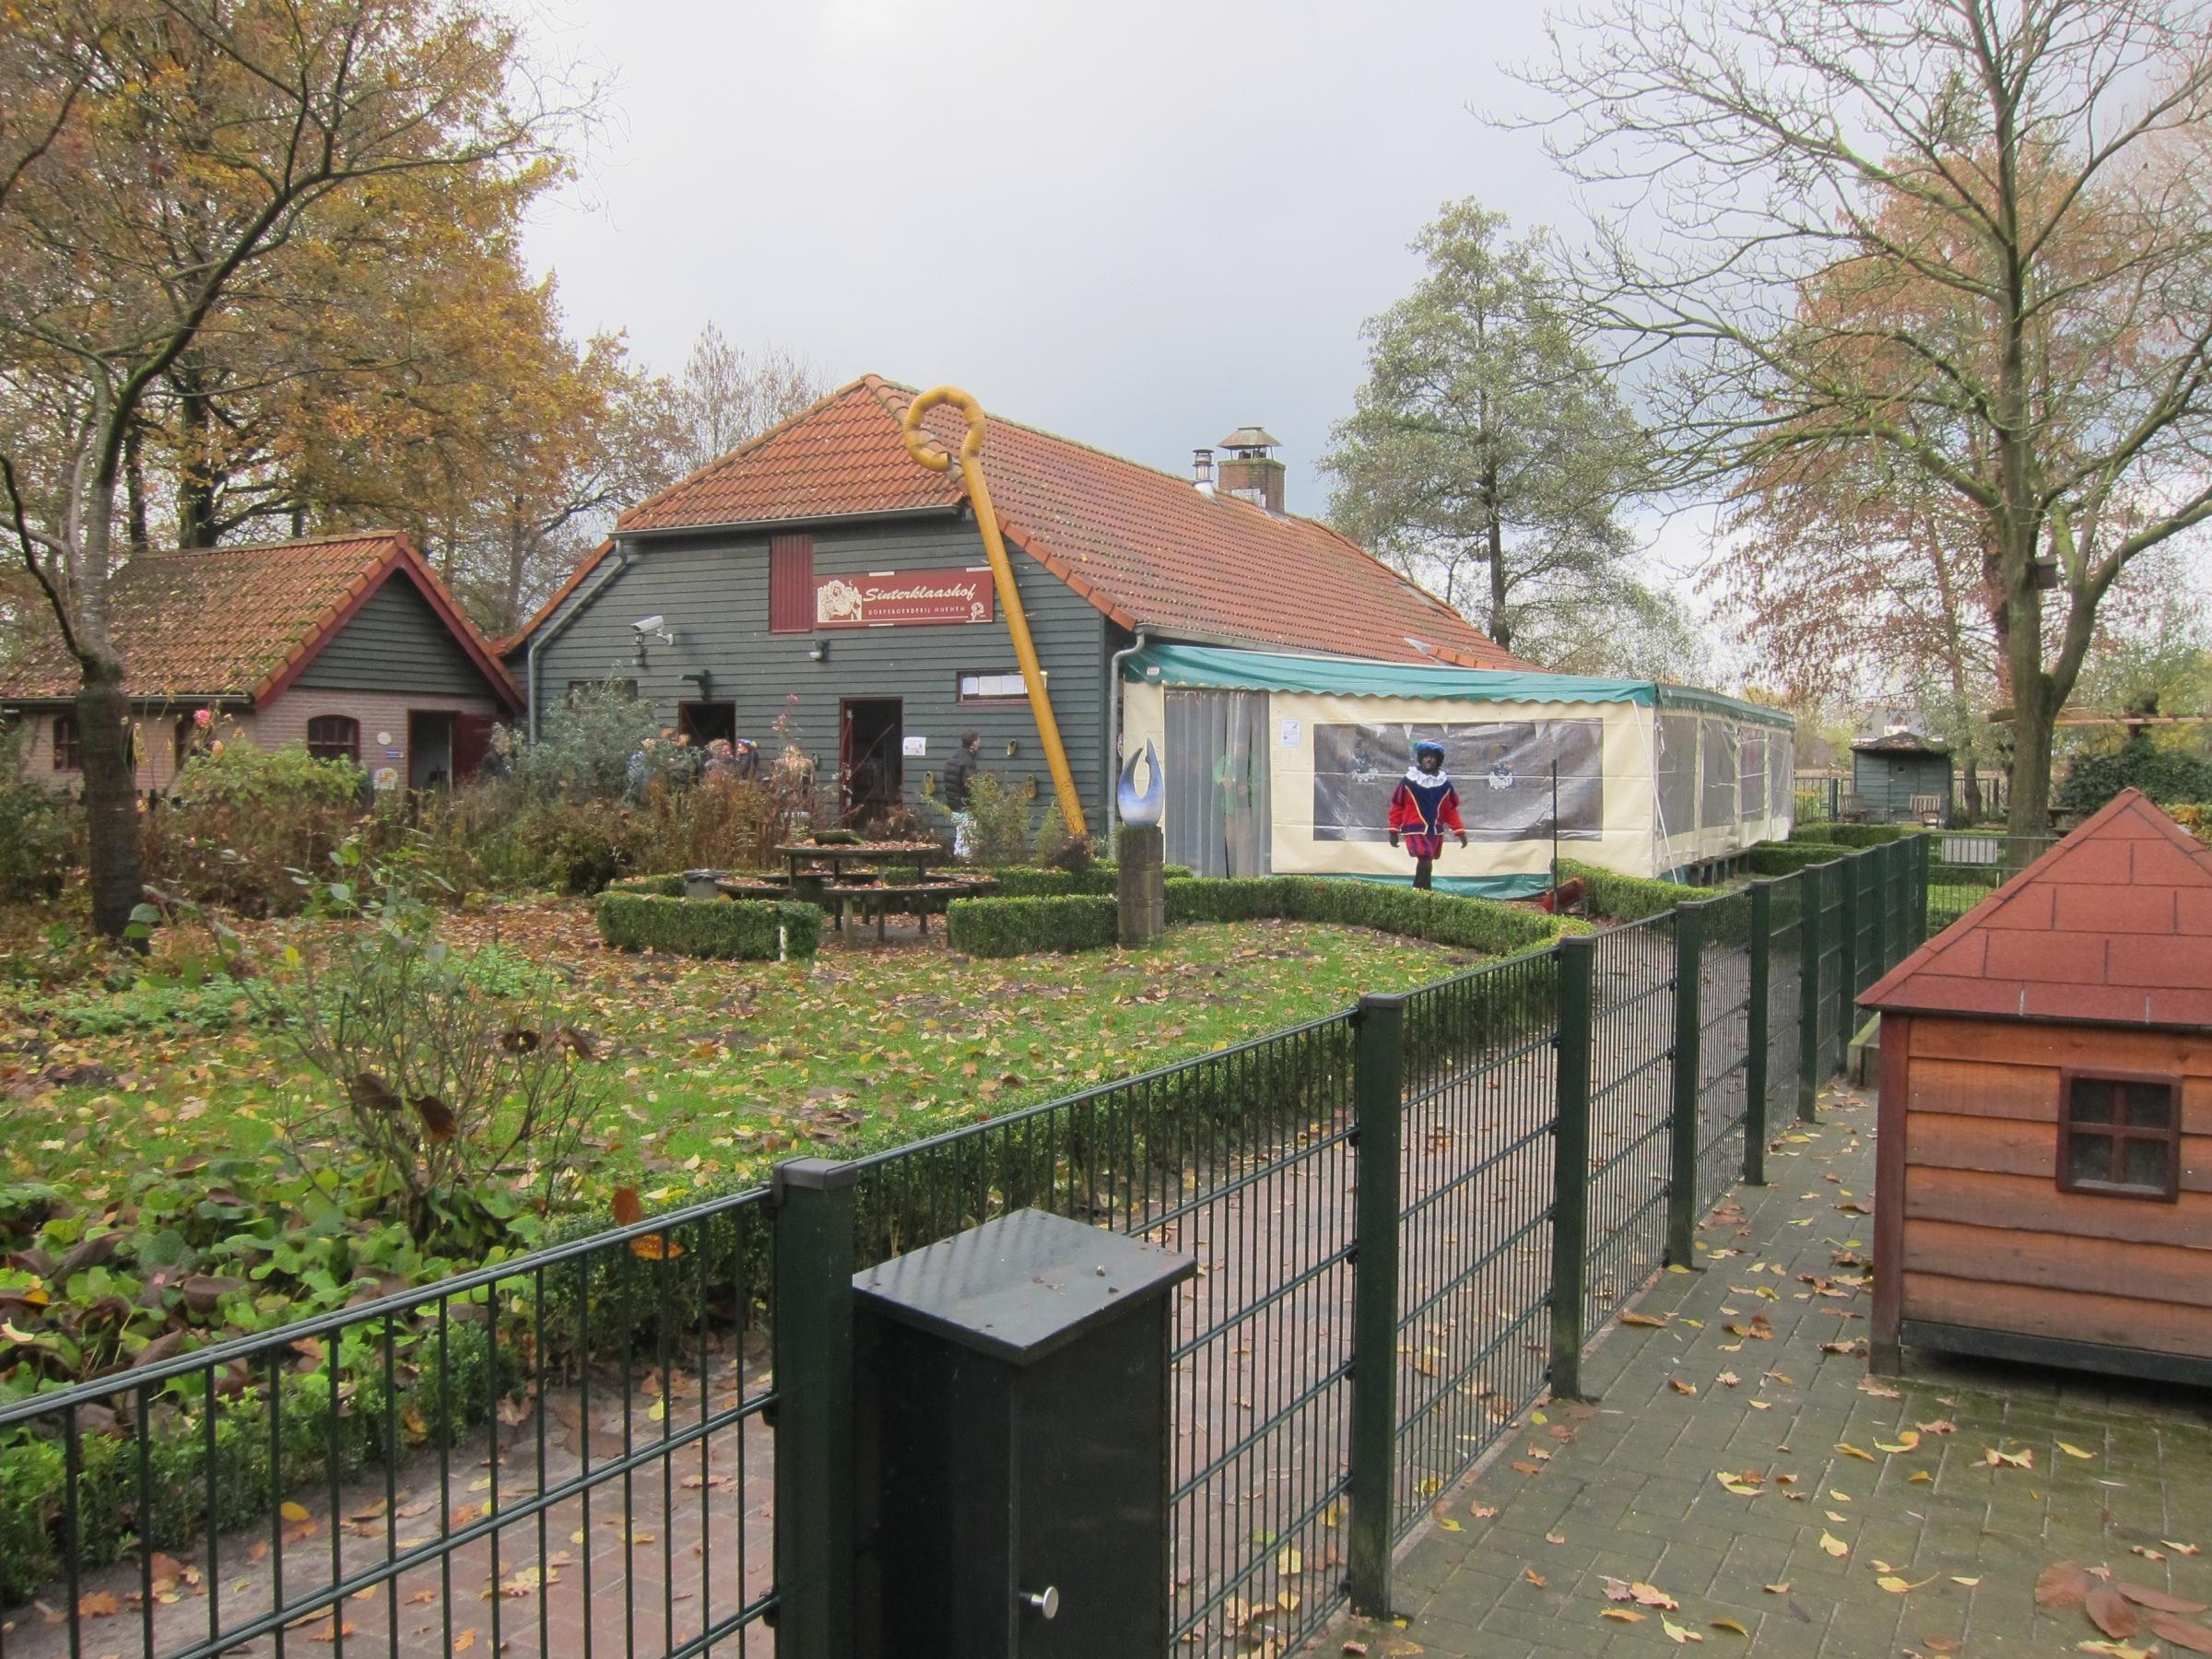 Johns Kitchen Nuenen.Sinterklaasfest At Weverkeshof Nuenen Mommy On A Mission